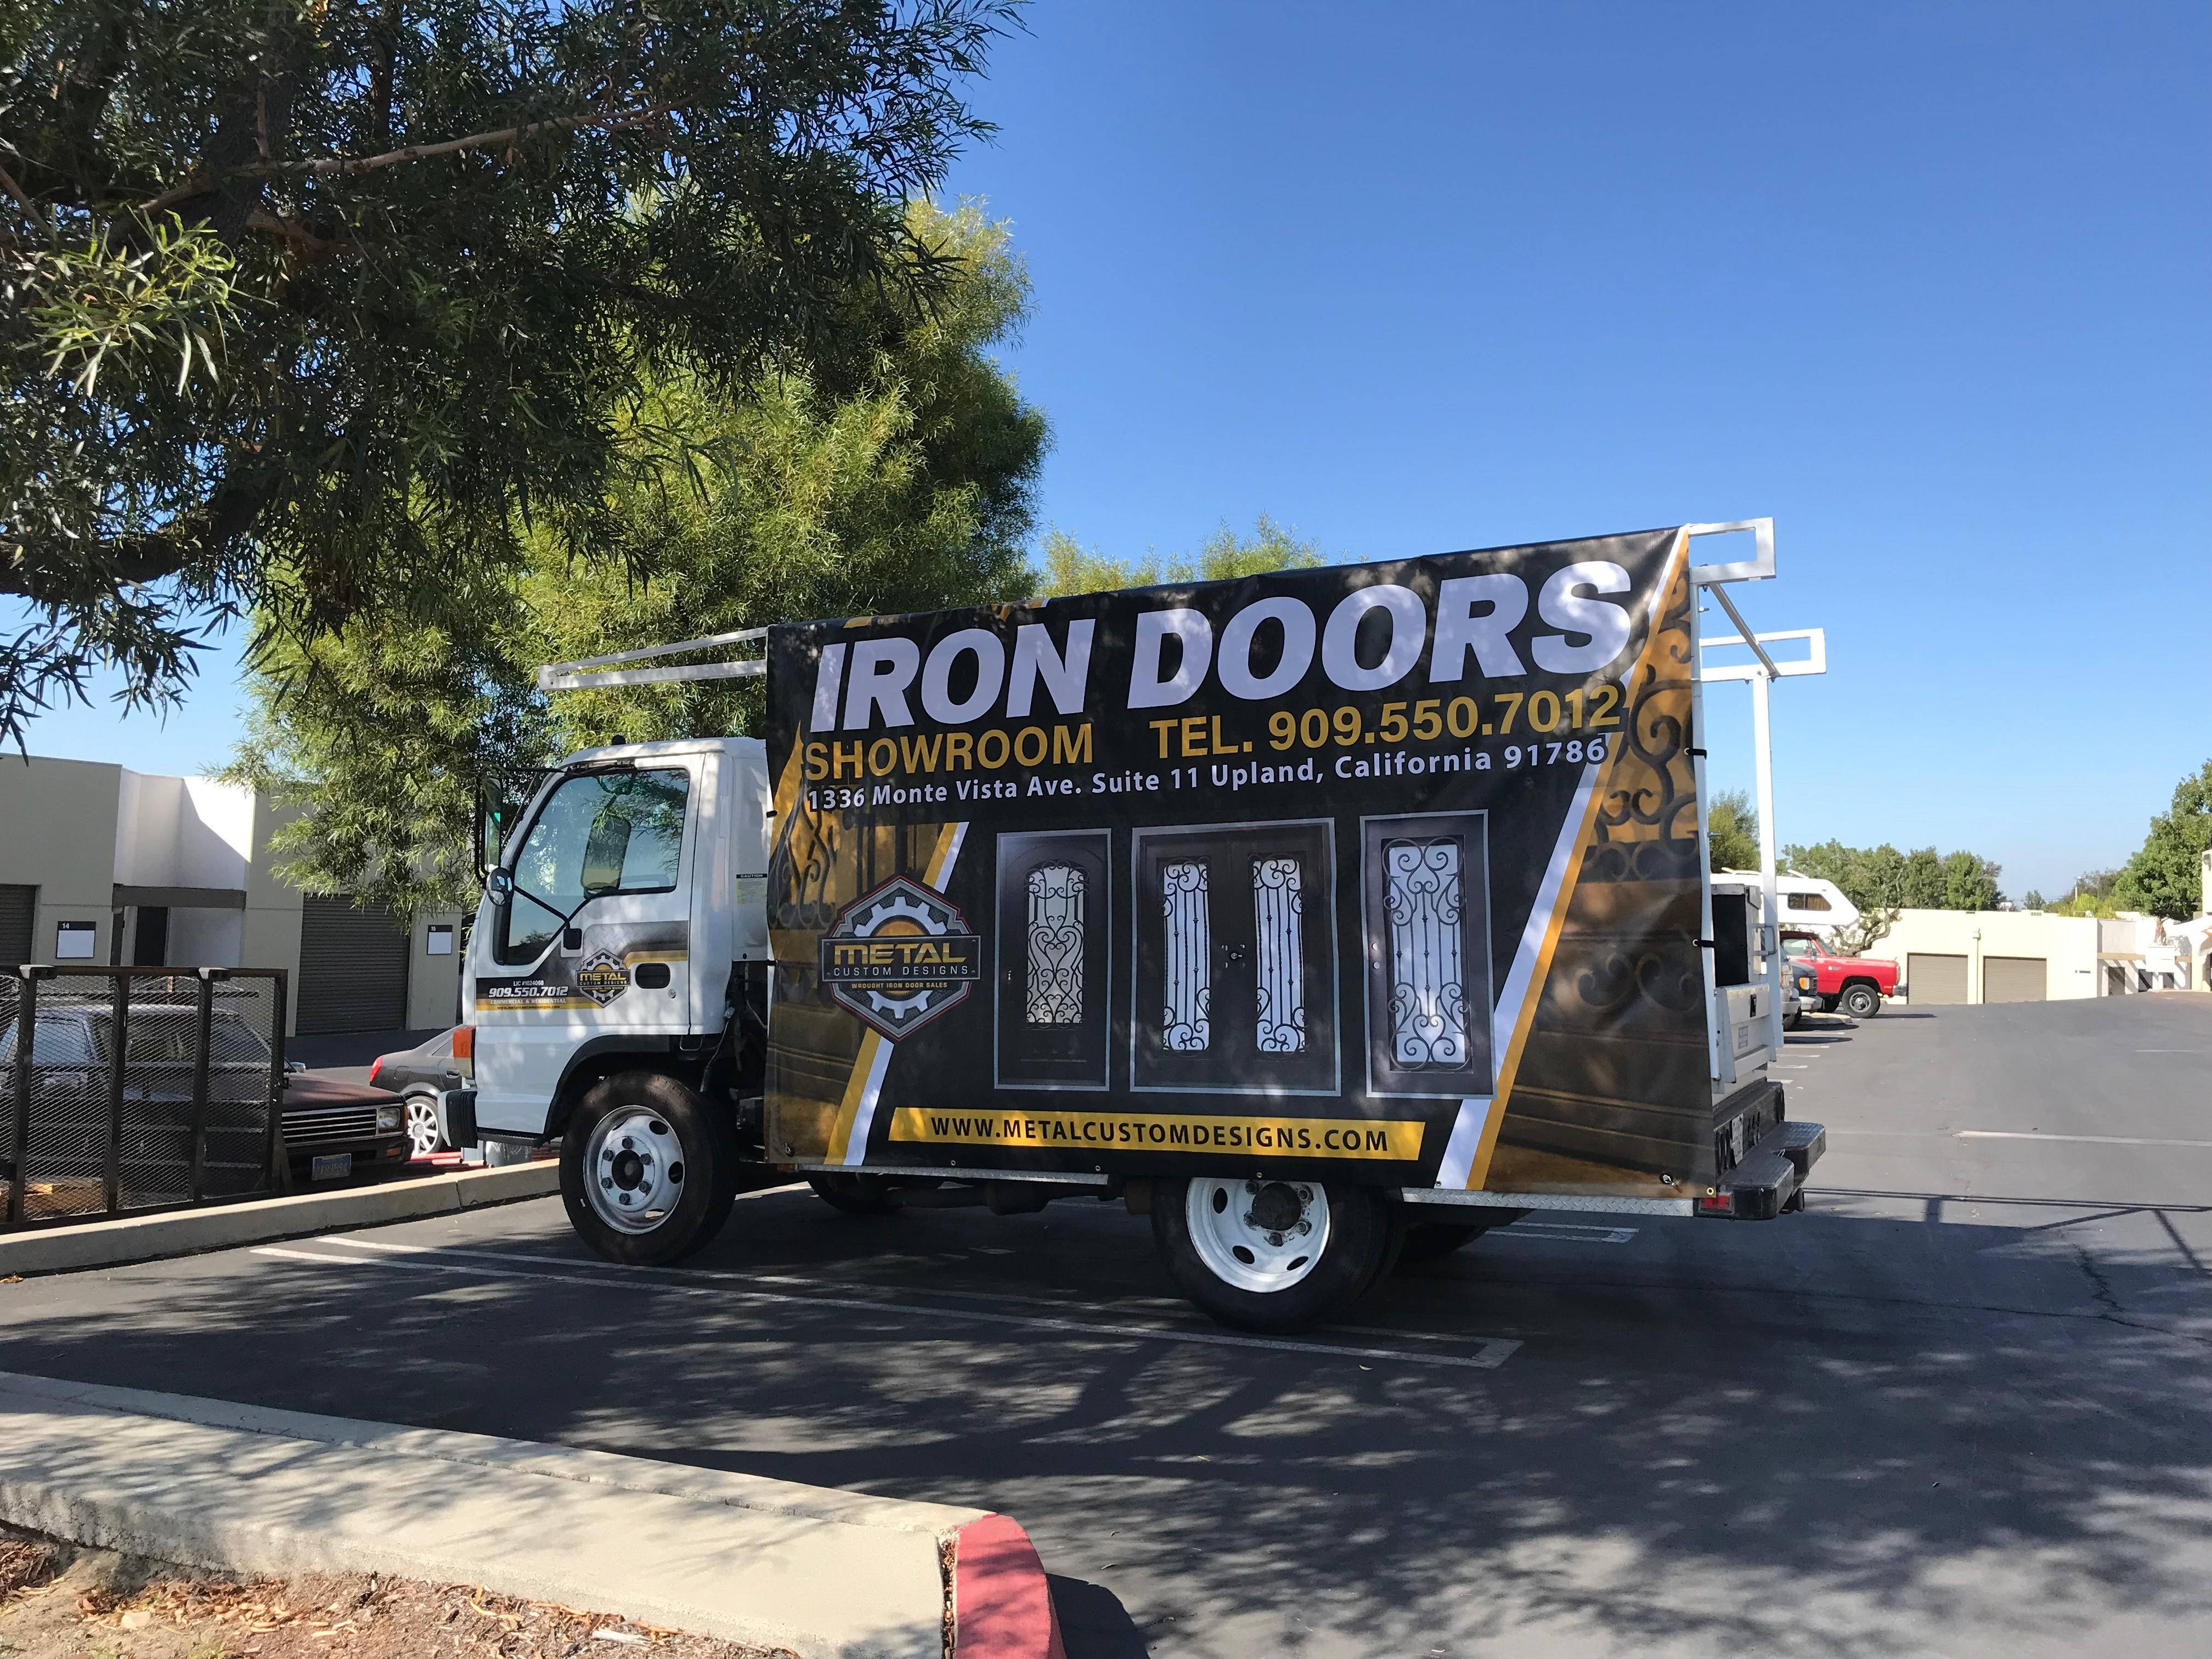 The Iron Door Company image 2